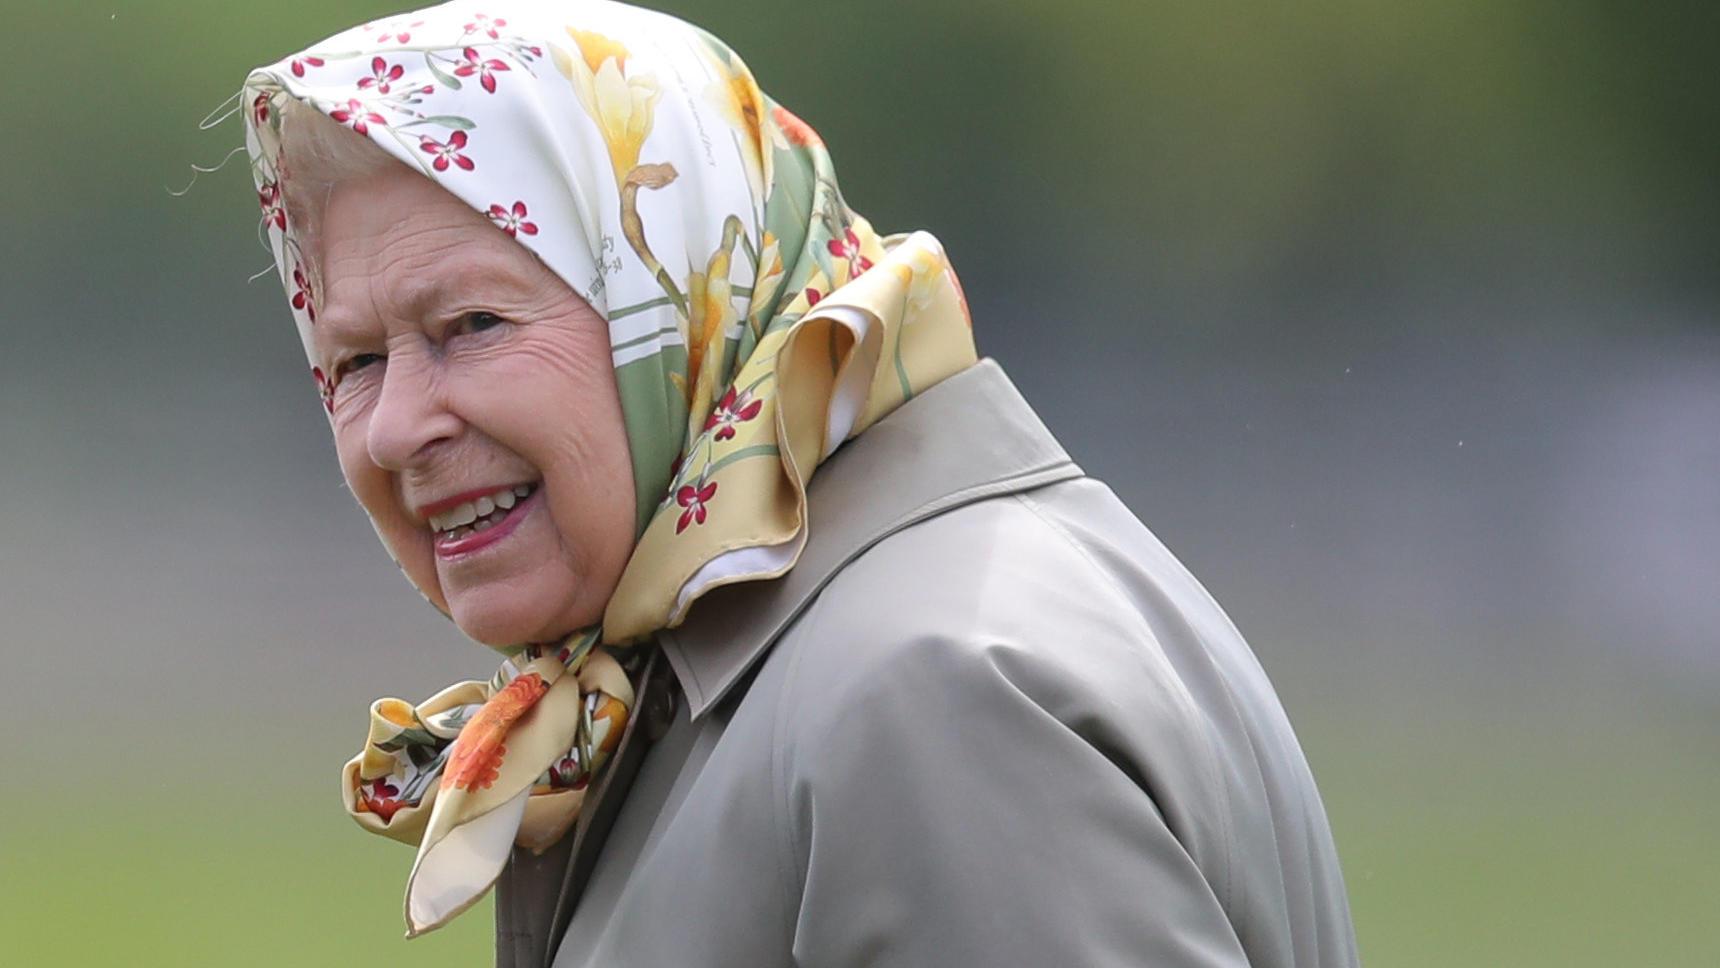 Queen bricht an ihrem 95. Geburtstag gleich mehrere Traditionen